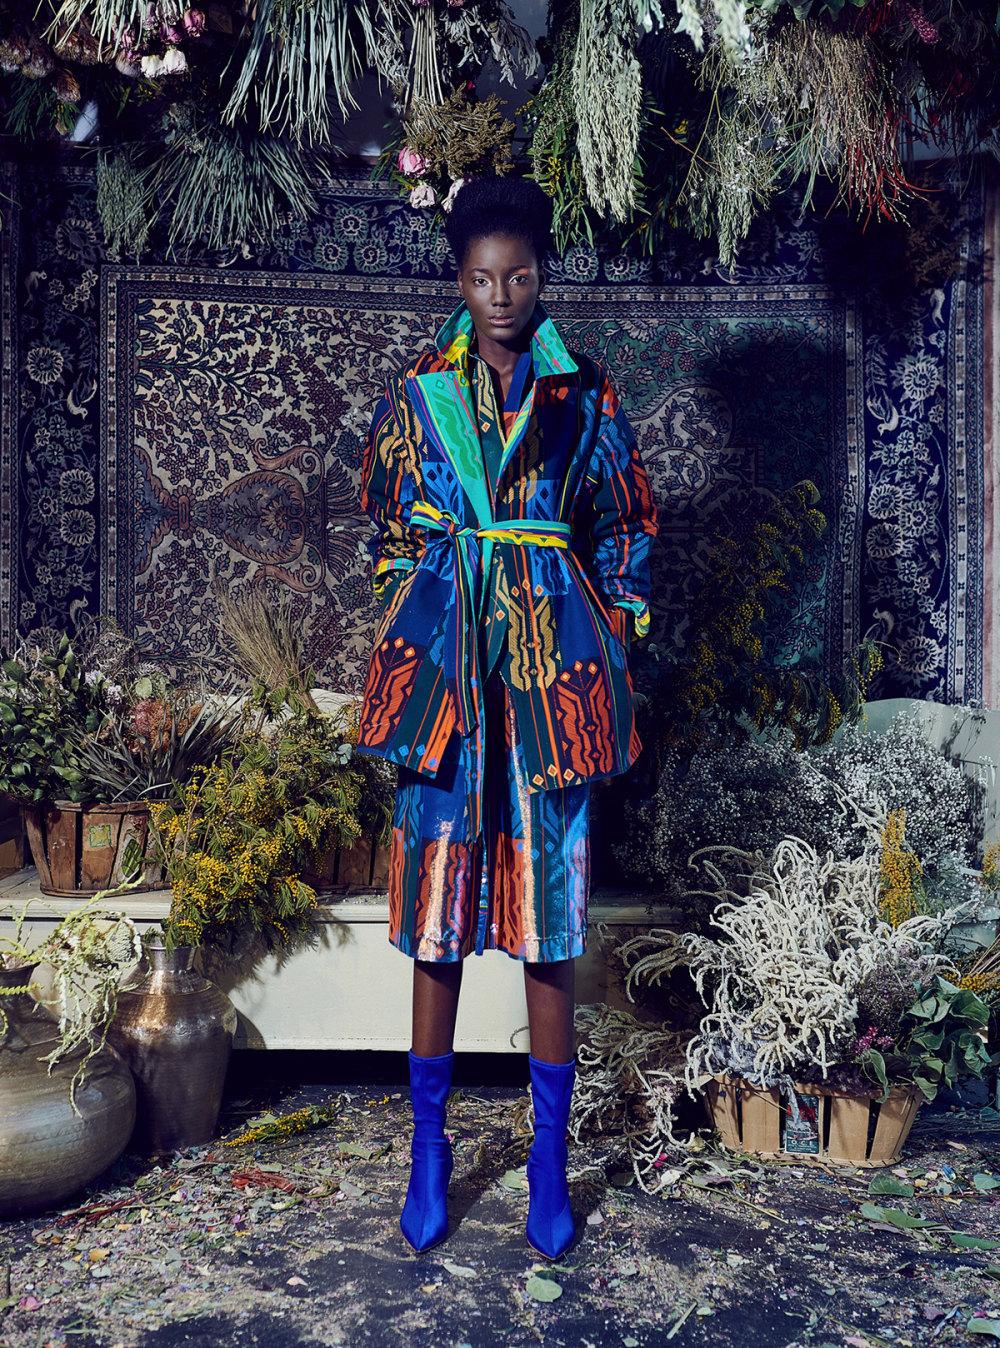 Rianna+Nina时装系列定制的夹克和金属光泽的七分裤定义未来主义-8.jpg